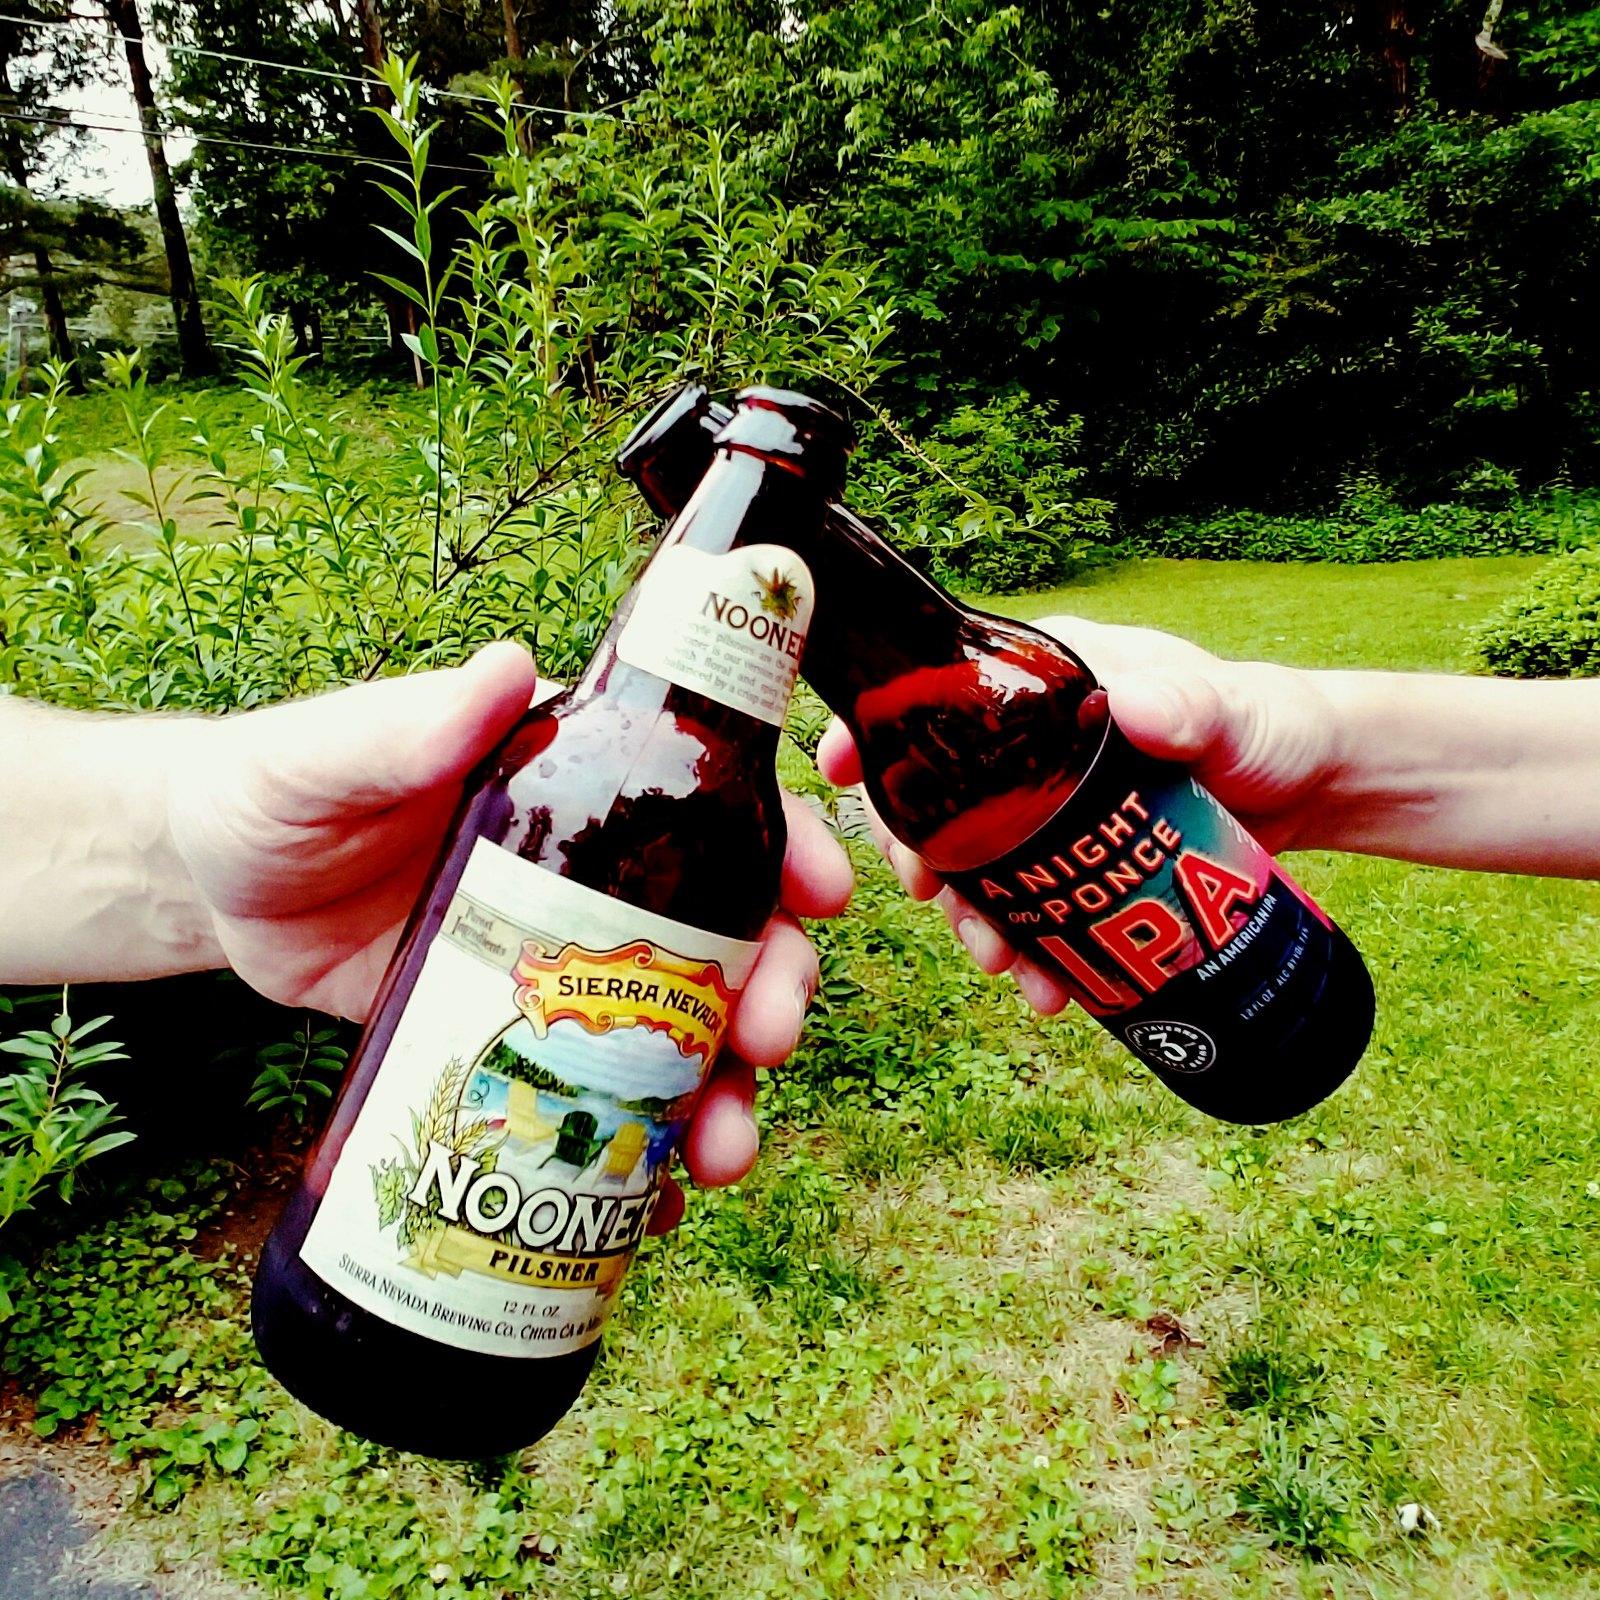 Toasting American Craft Beer Week 2016